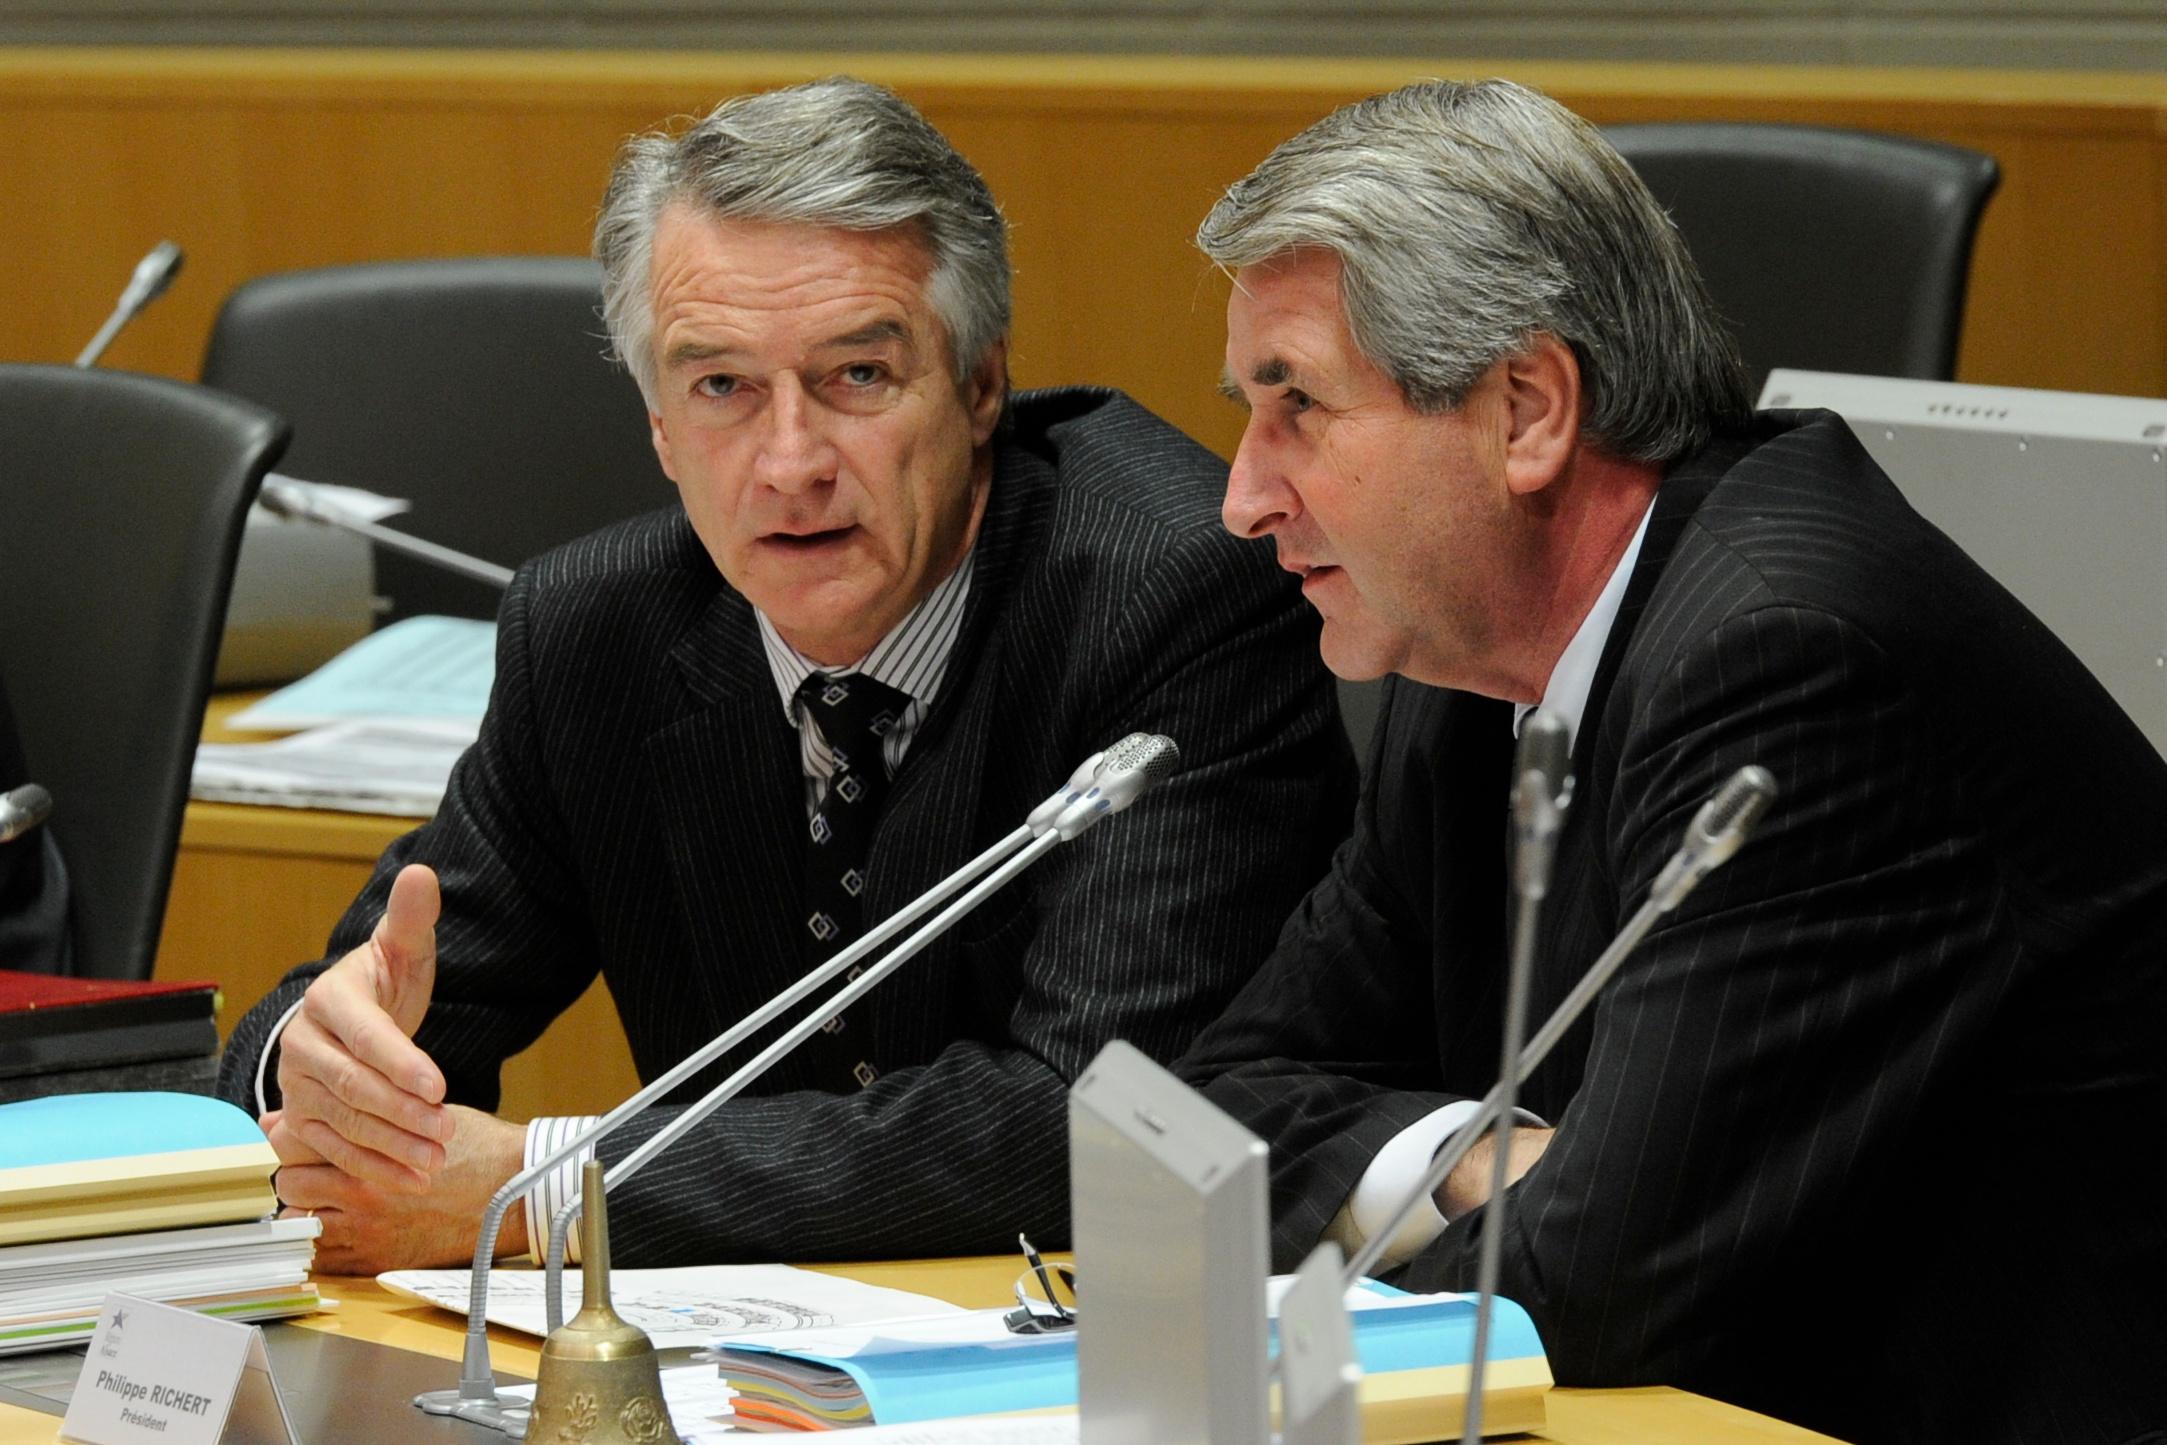 André REICHARDT et Philippe RICHERT au Conseil régional d'Alsace